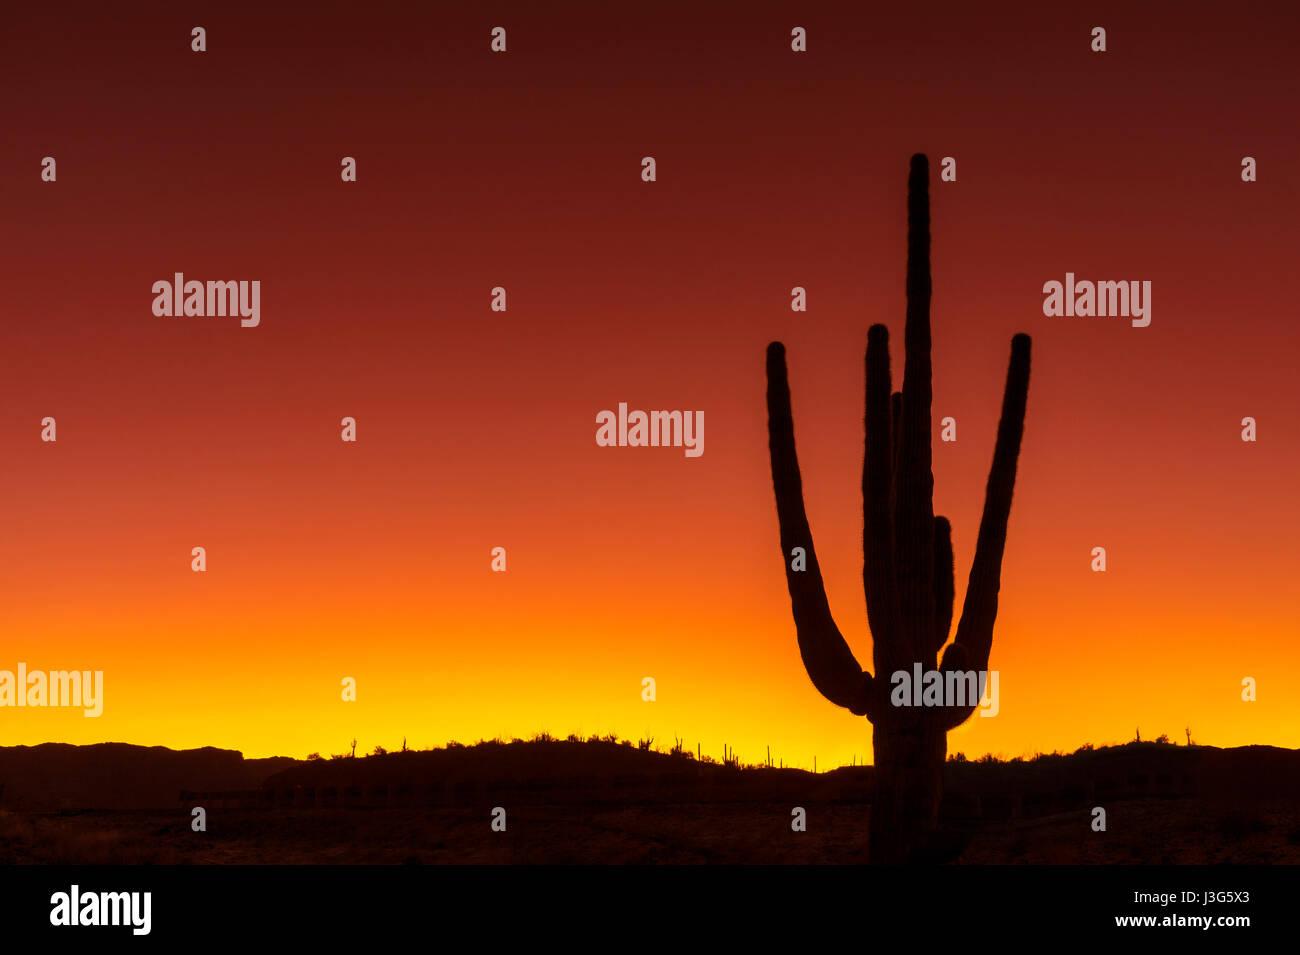 Saguaro Kaktus Wüste, Arizona USA Stockfoto